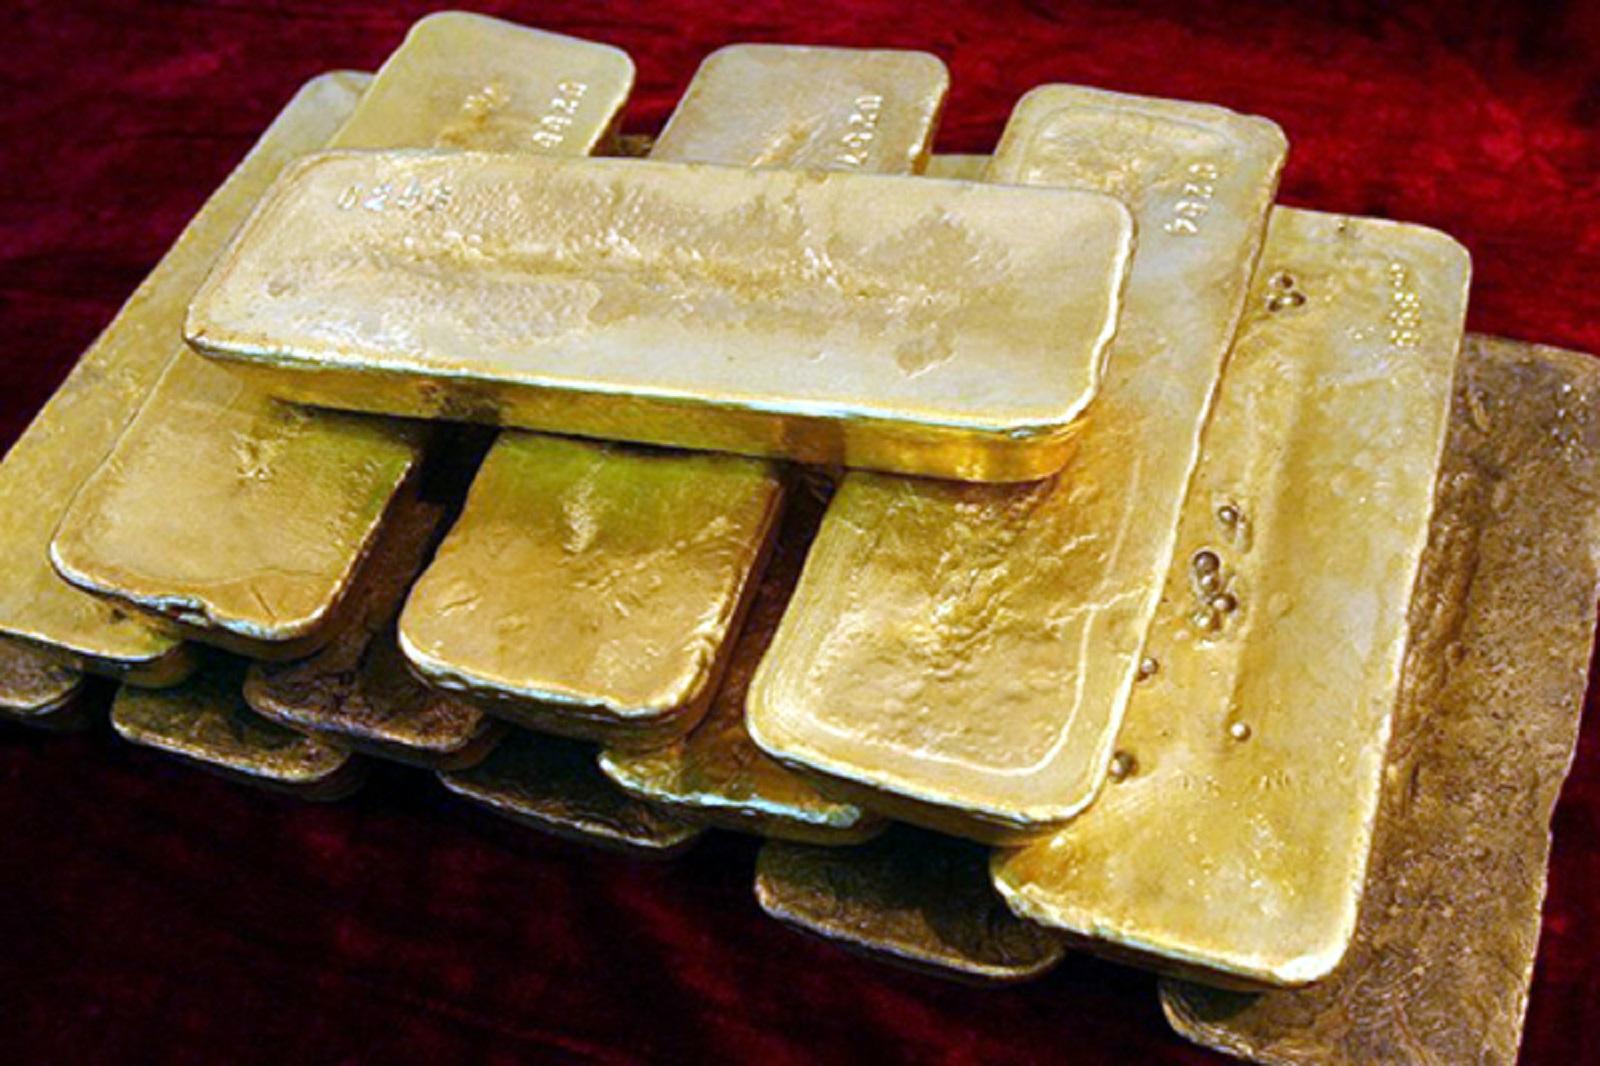 """Gia Lai: Con rể trộm 7 kg vàng của bố vợ rồi """"trốn"""" vào viện tâm thần"""